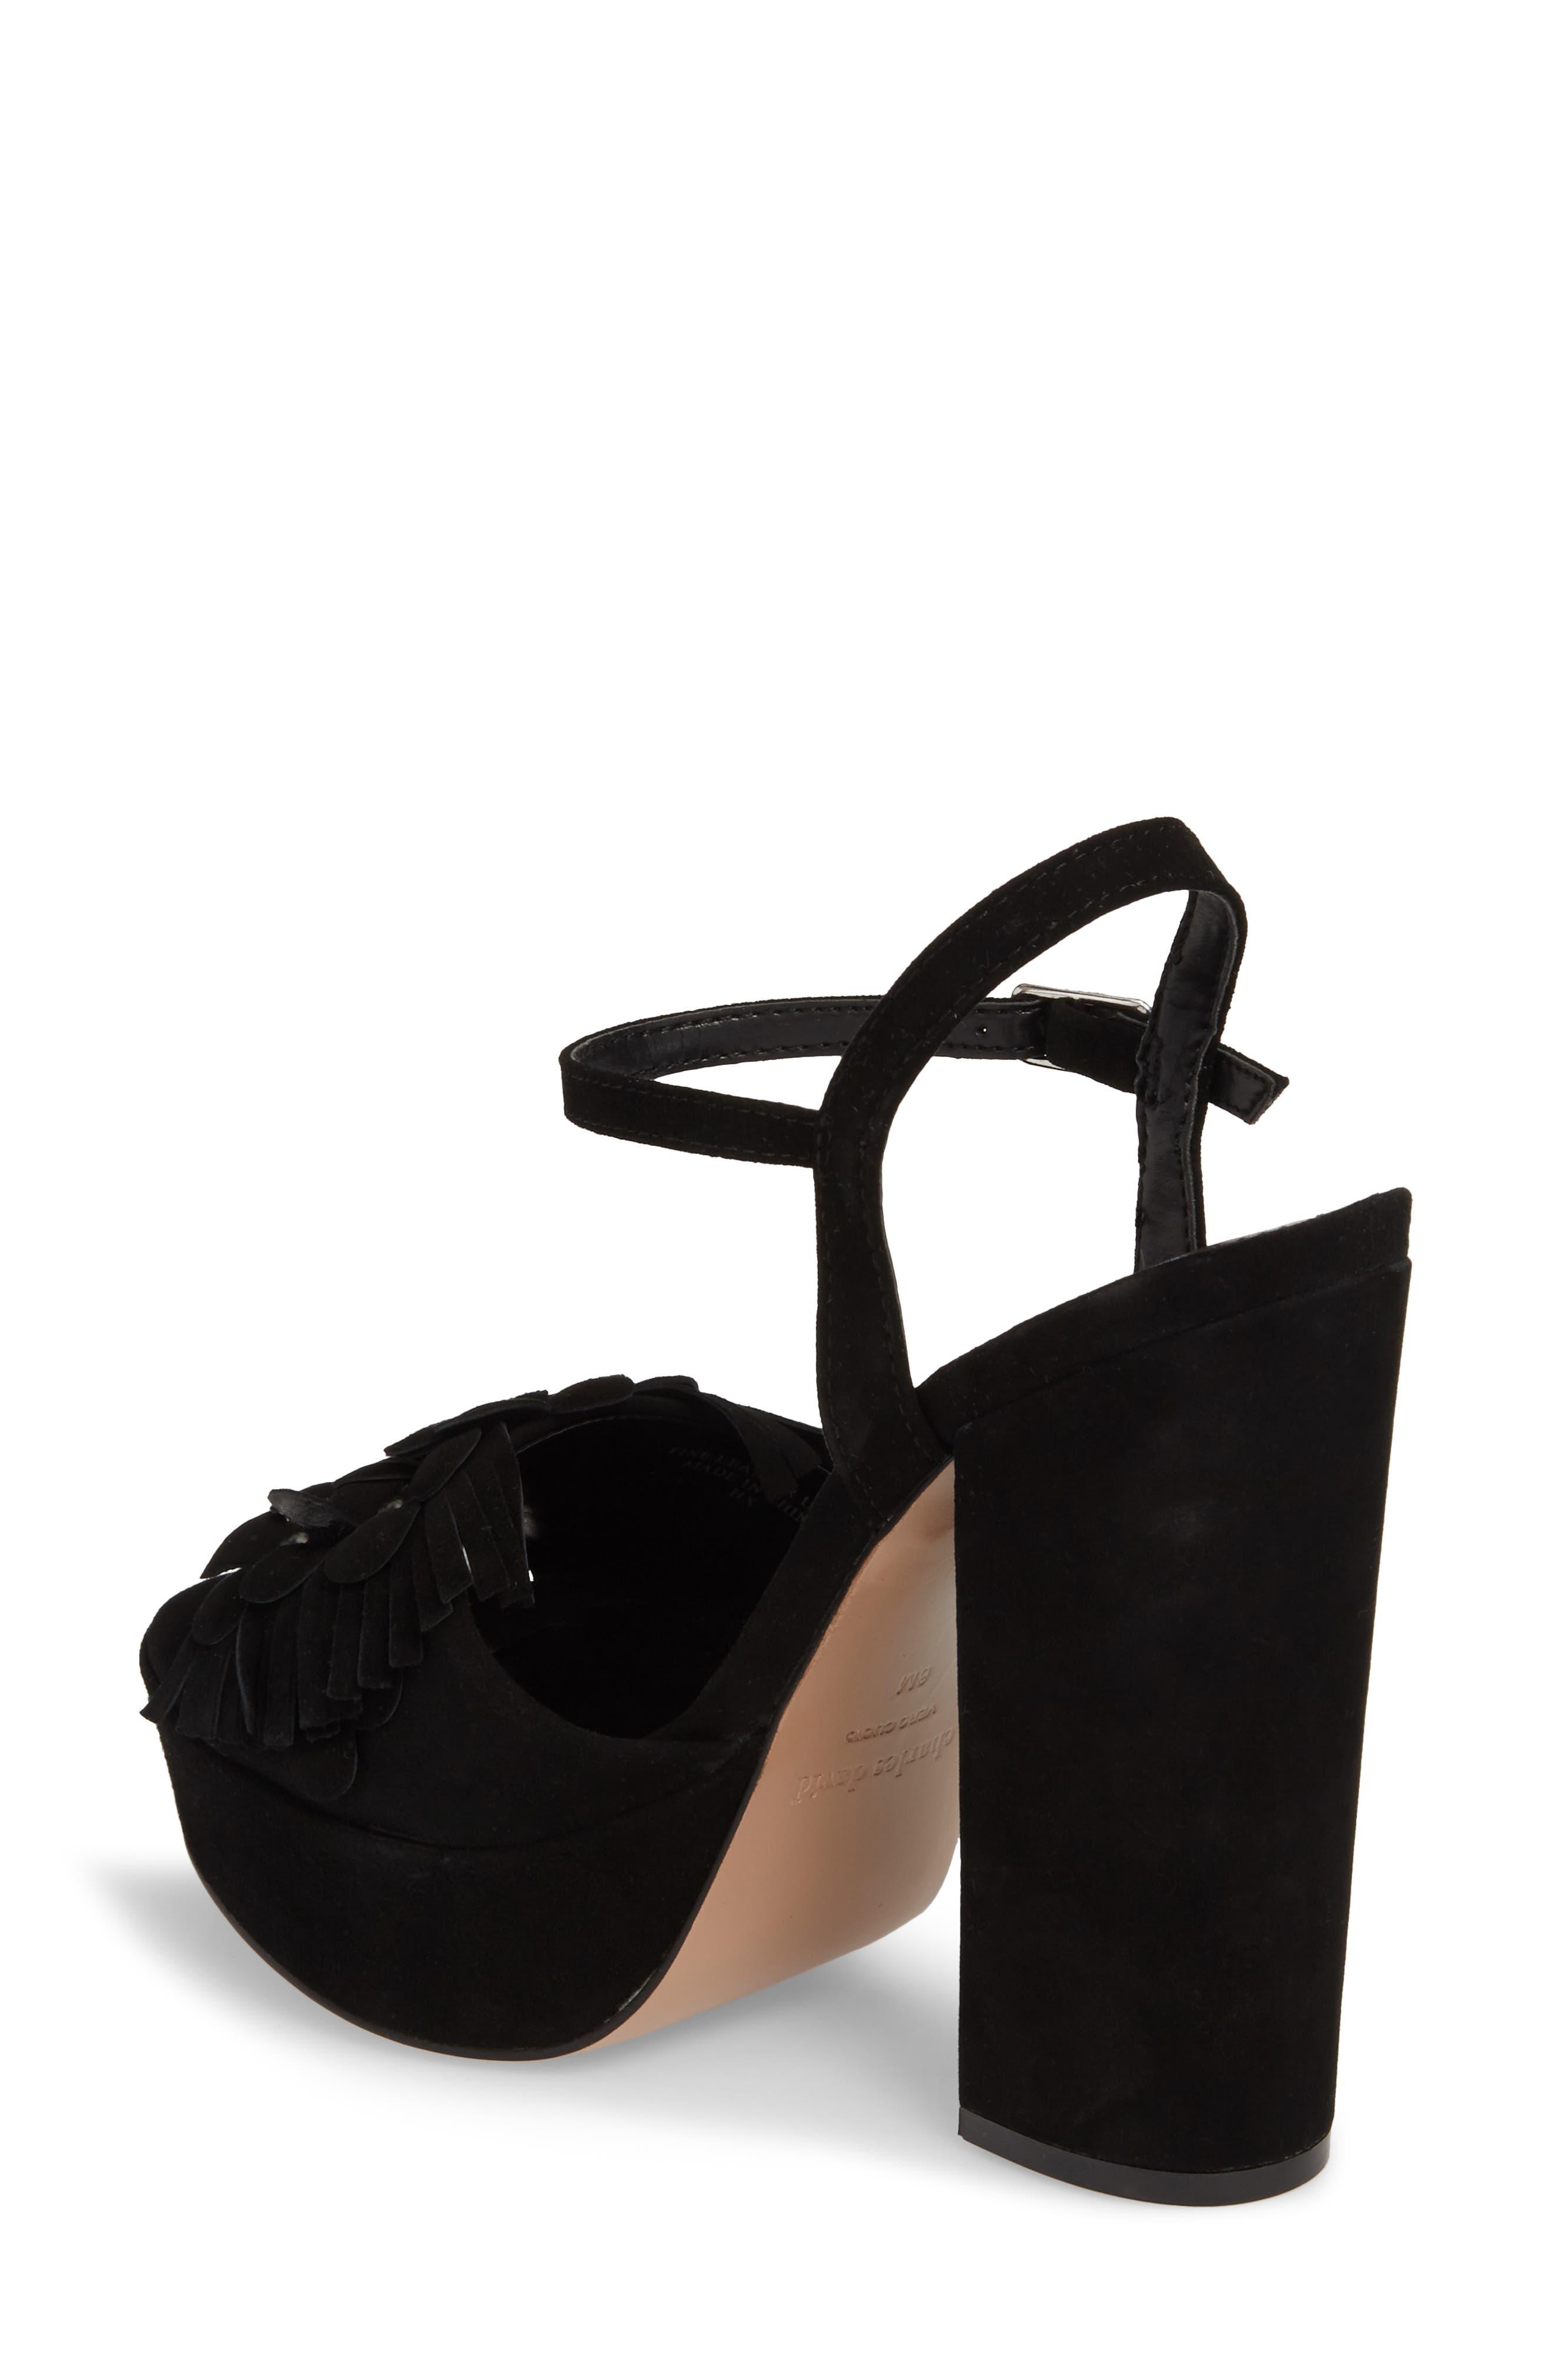 Royale Sandal,                             Alternate thumbnail 2, color,                             BLACK SUEDE